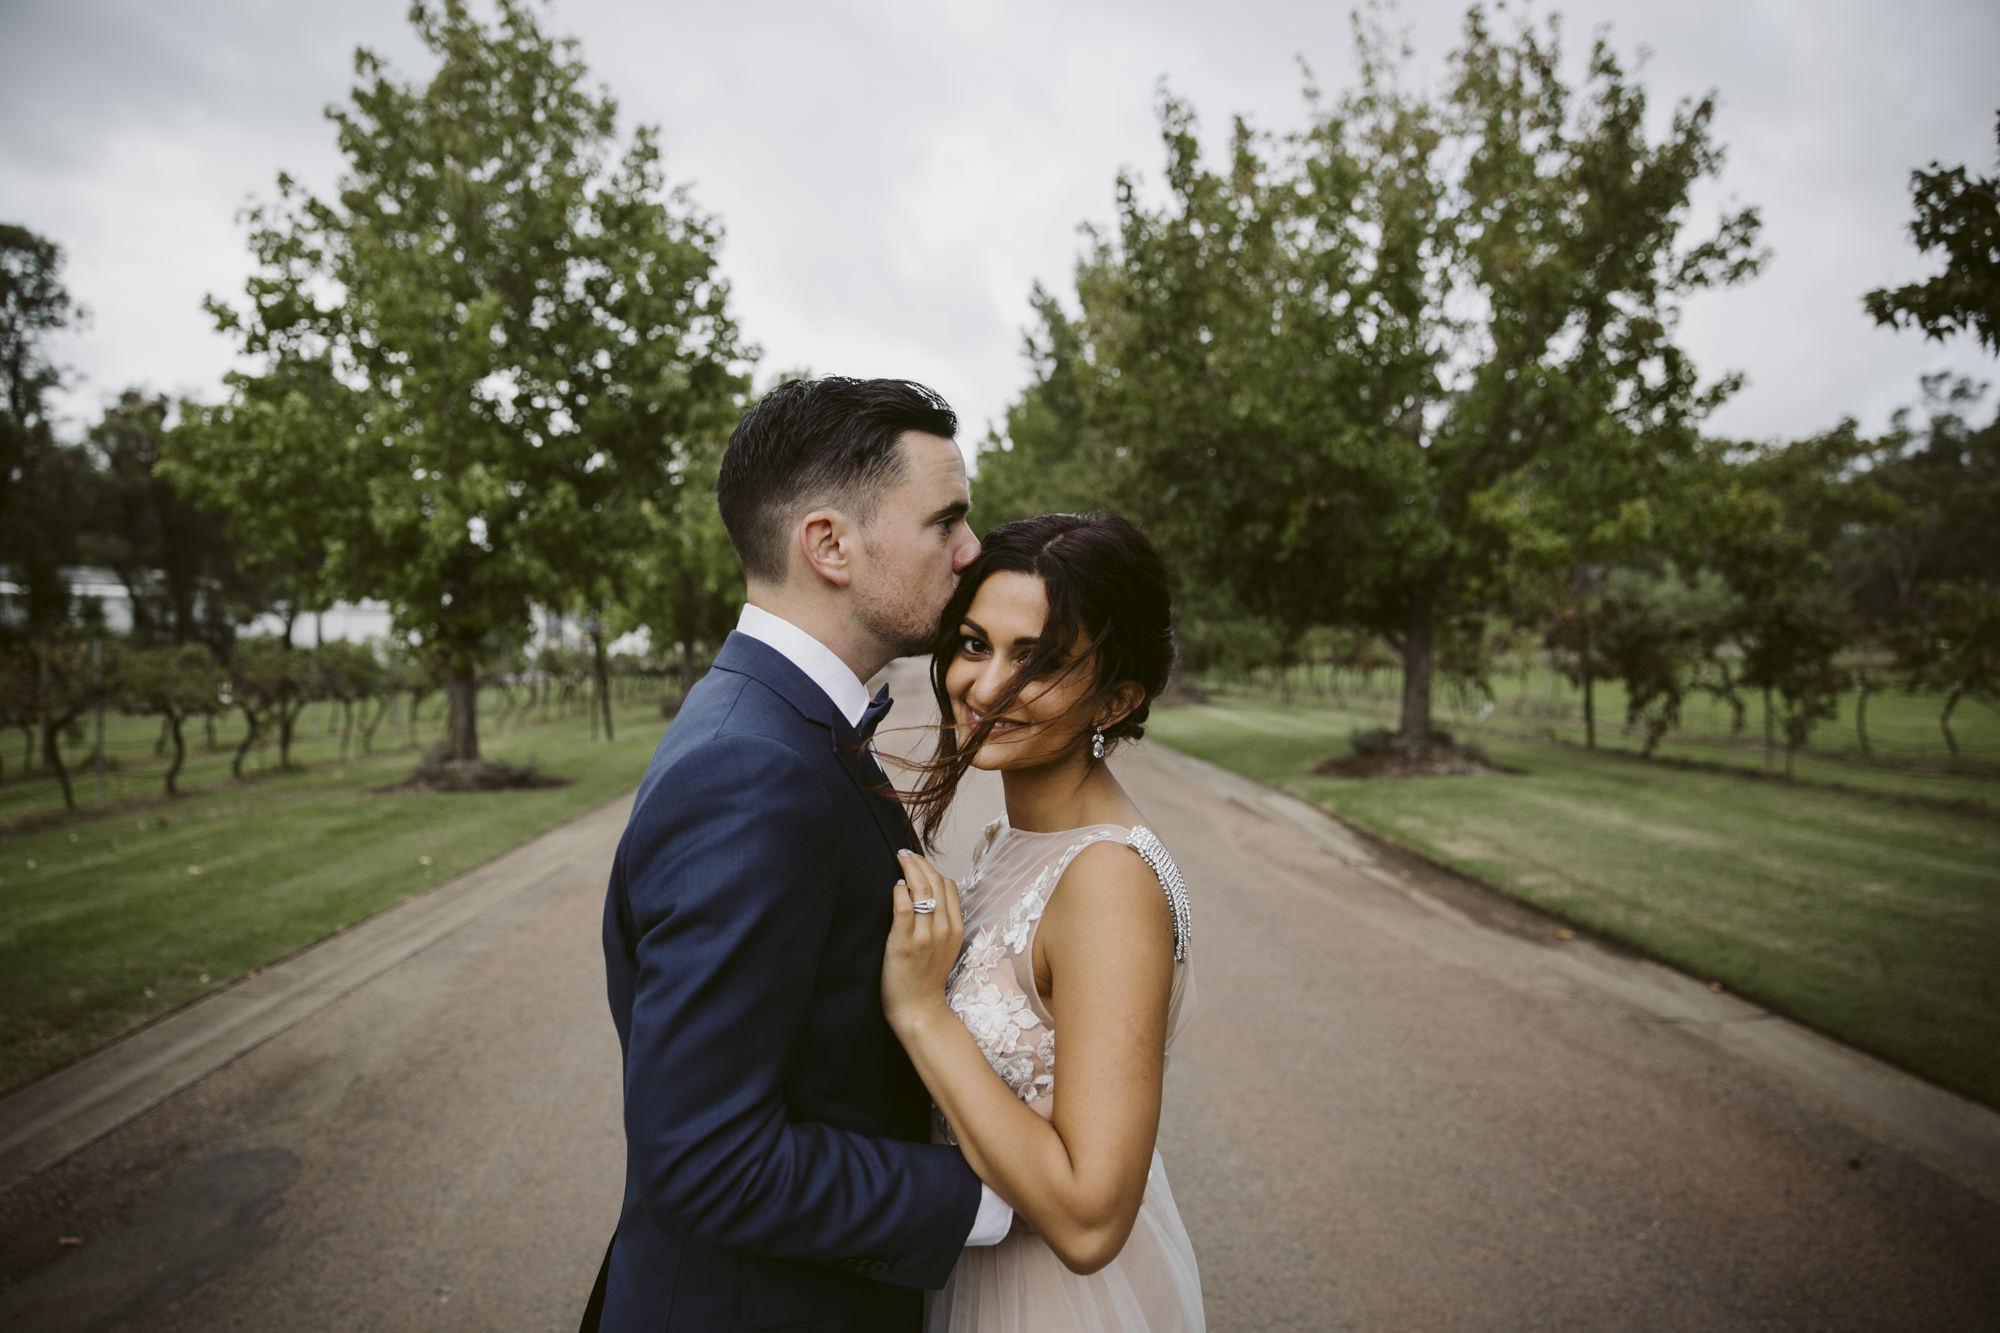 Anna Turner Sydney Wedding Photographer-89.jpg